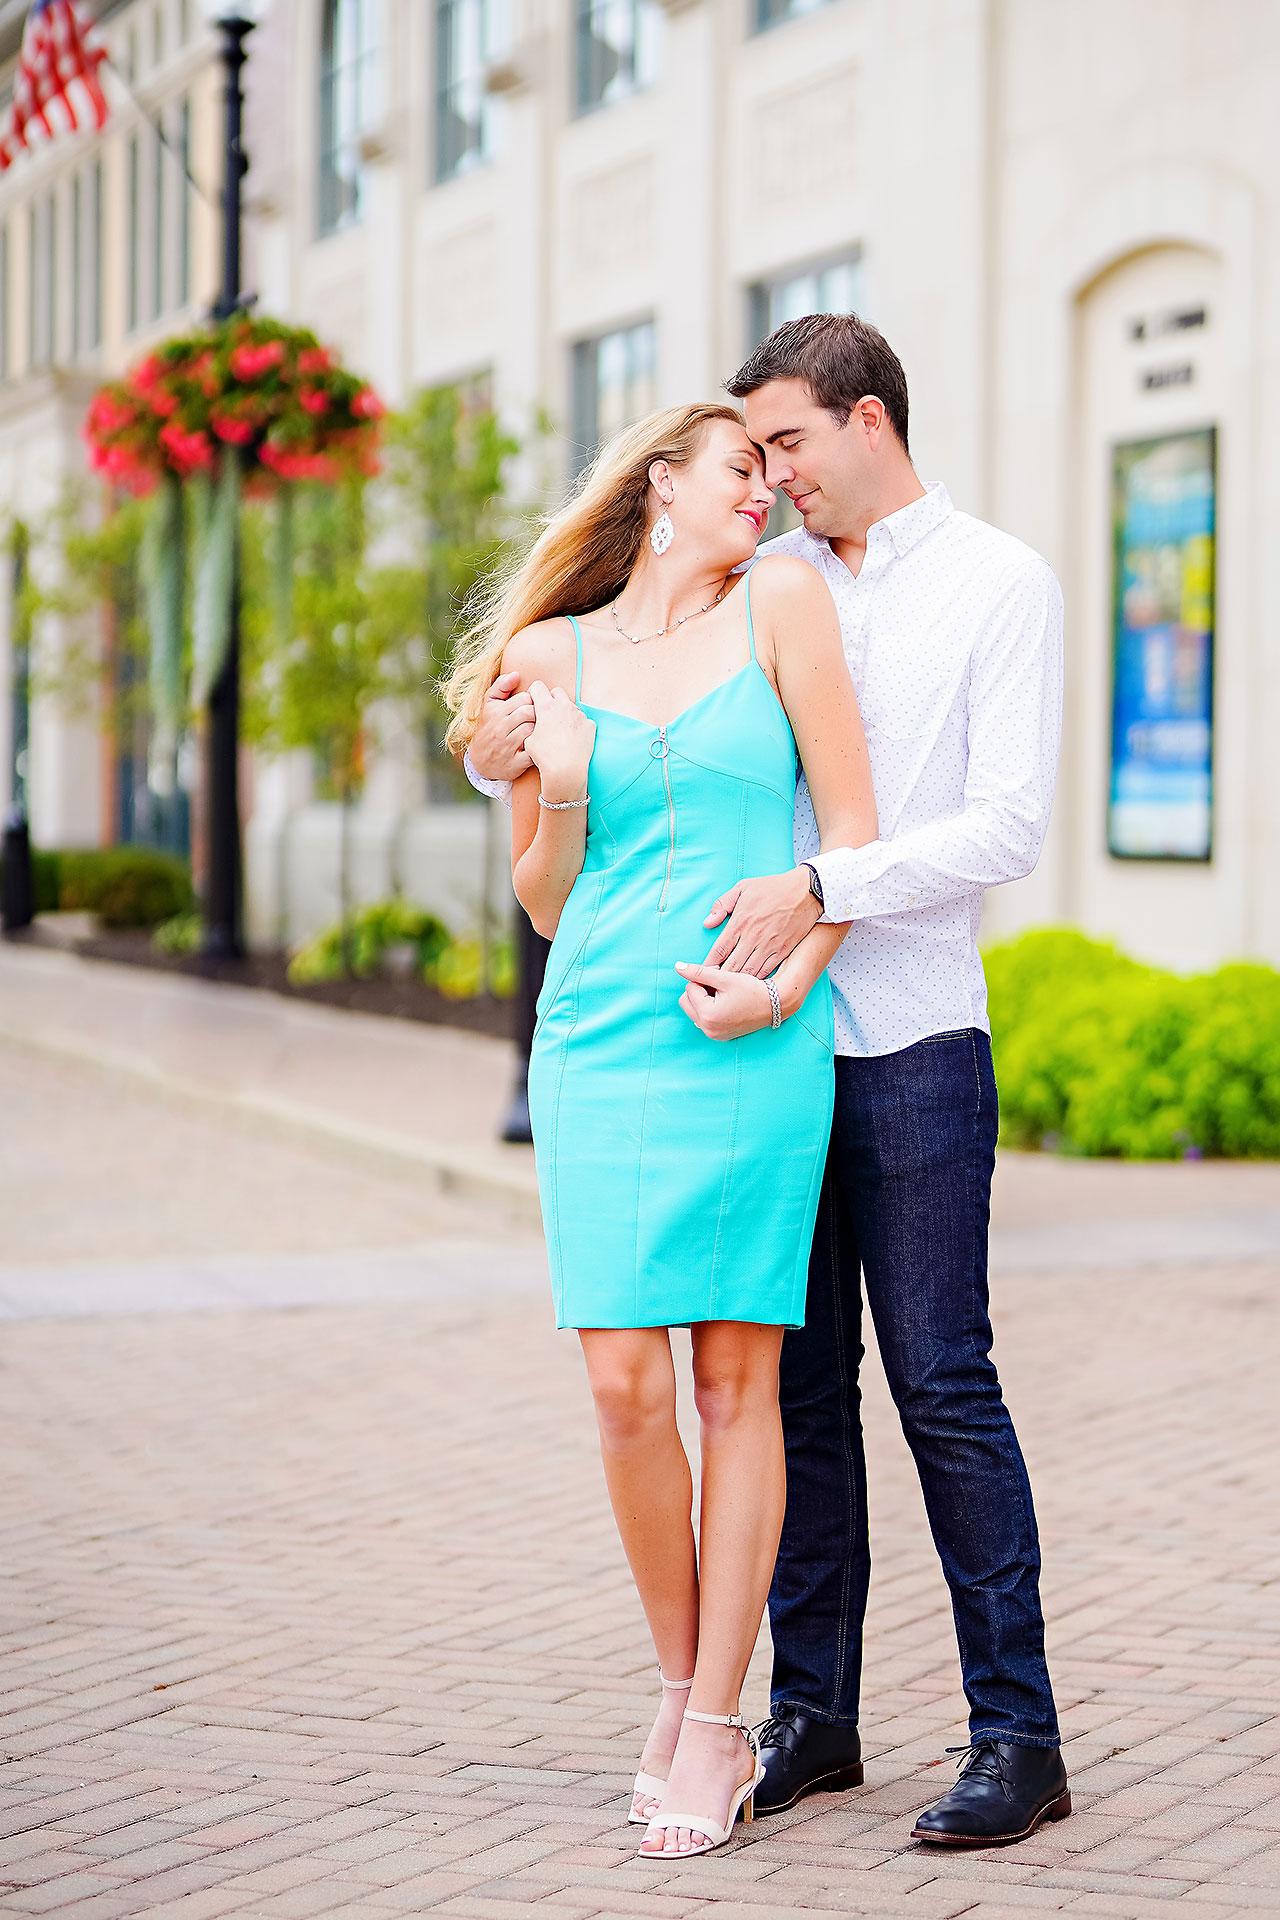 Liz Zach Midtown Carmel Engagement Session 070